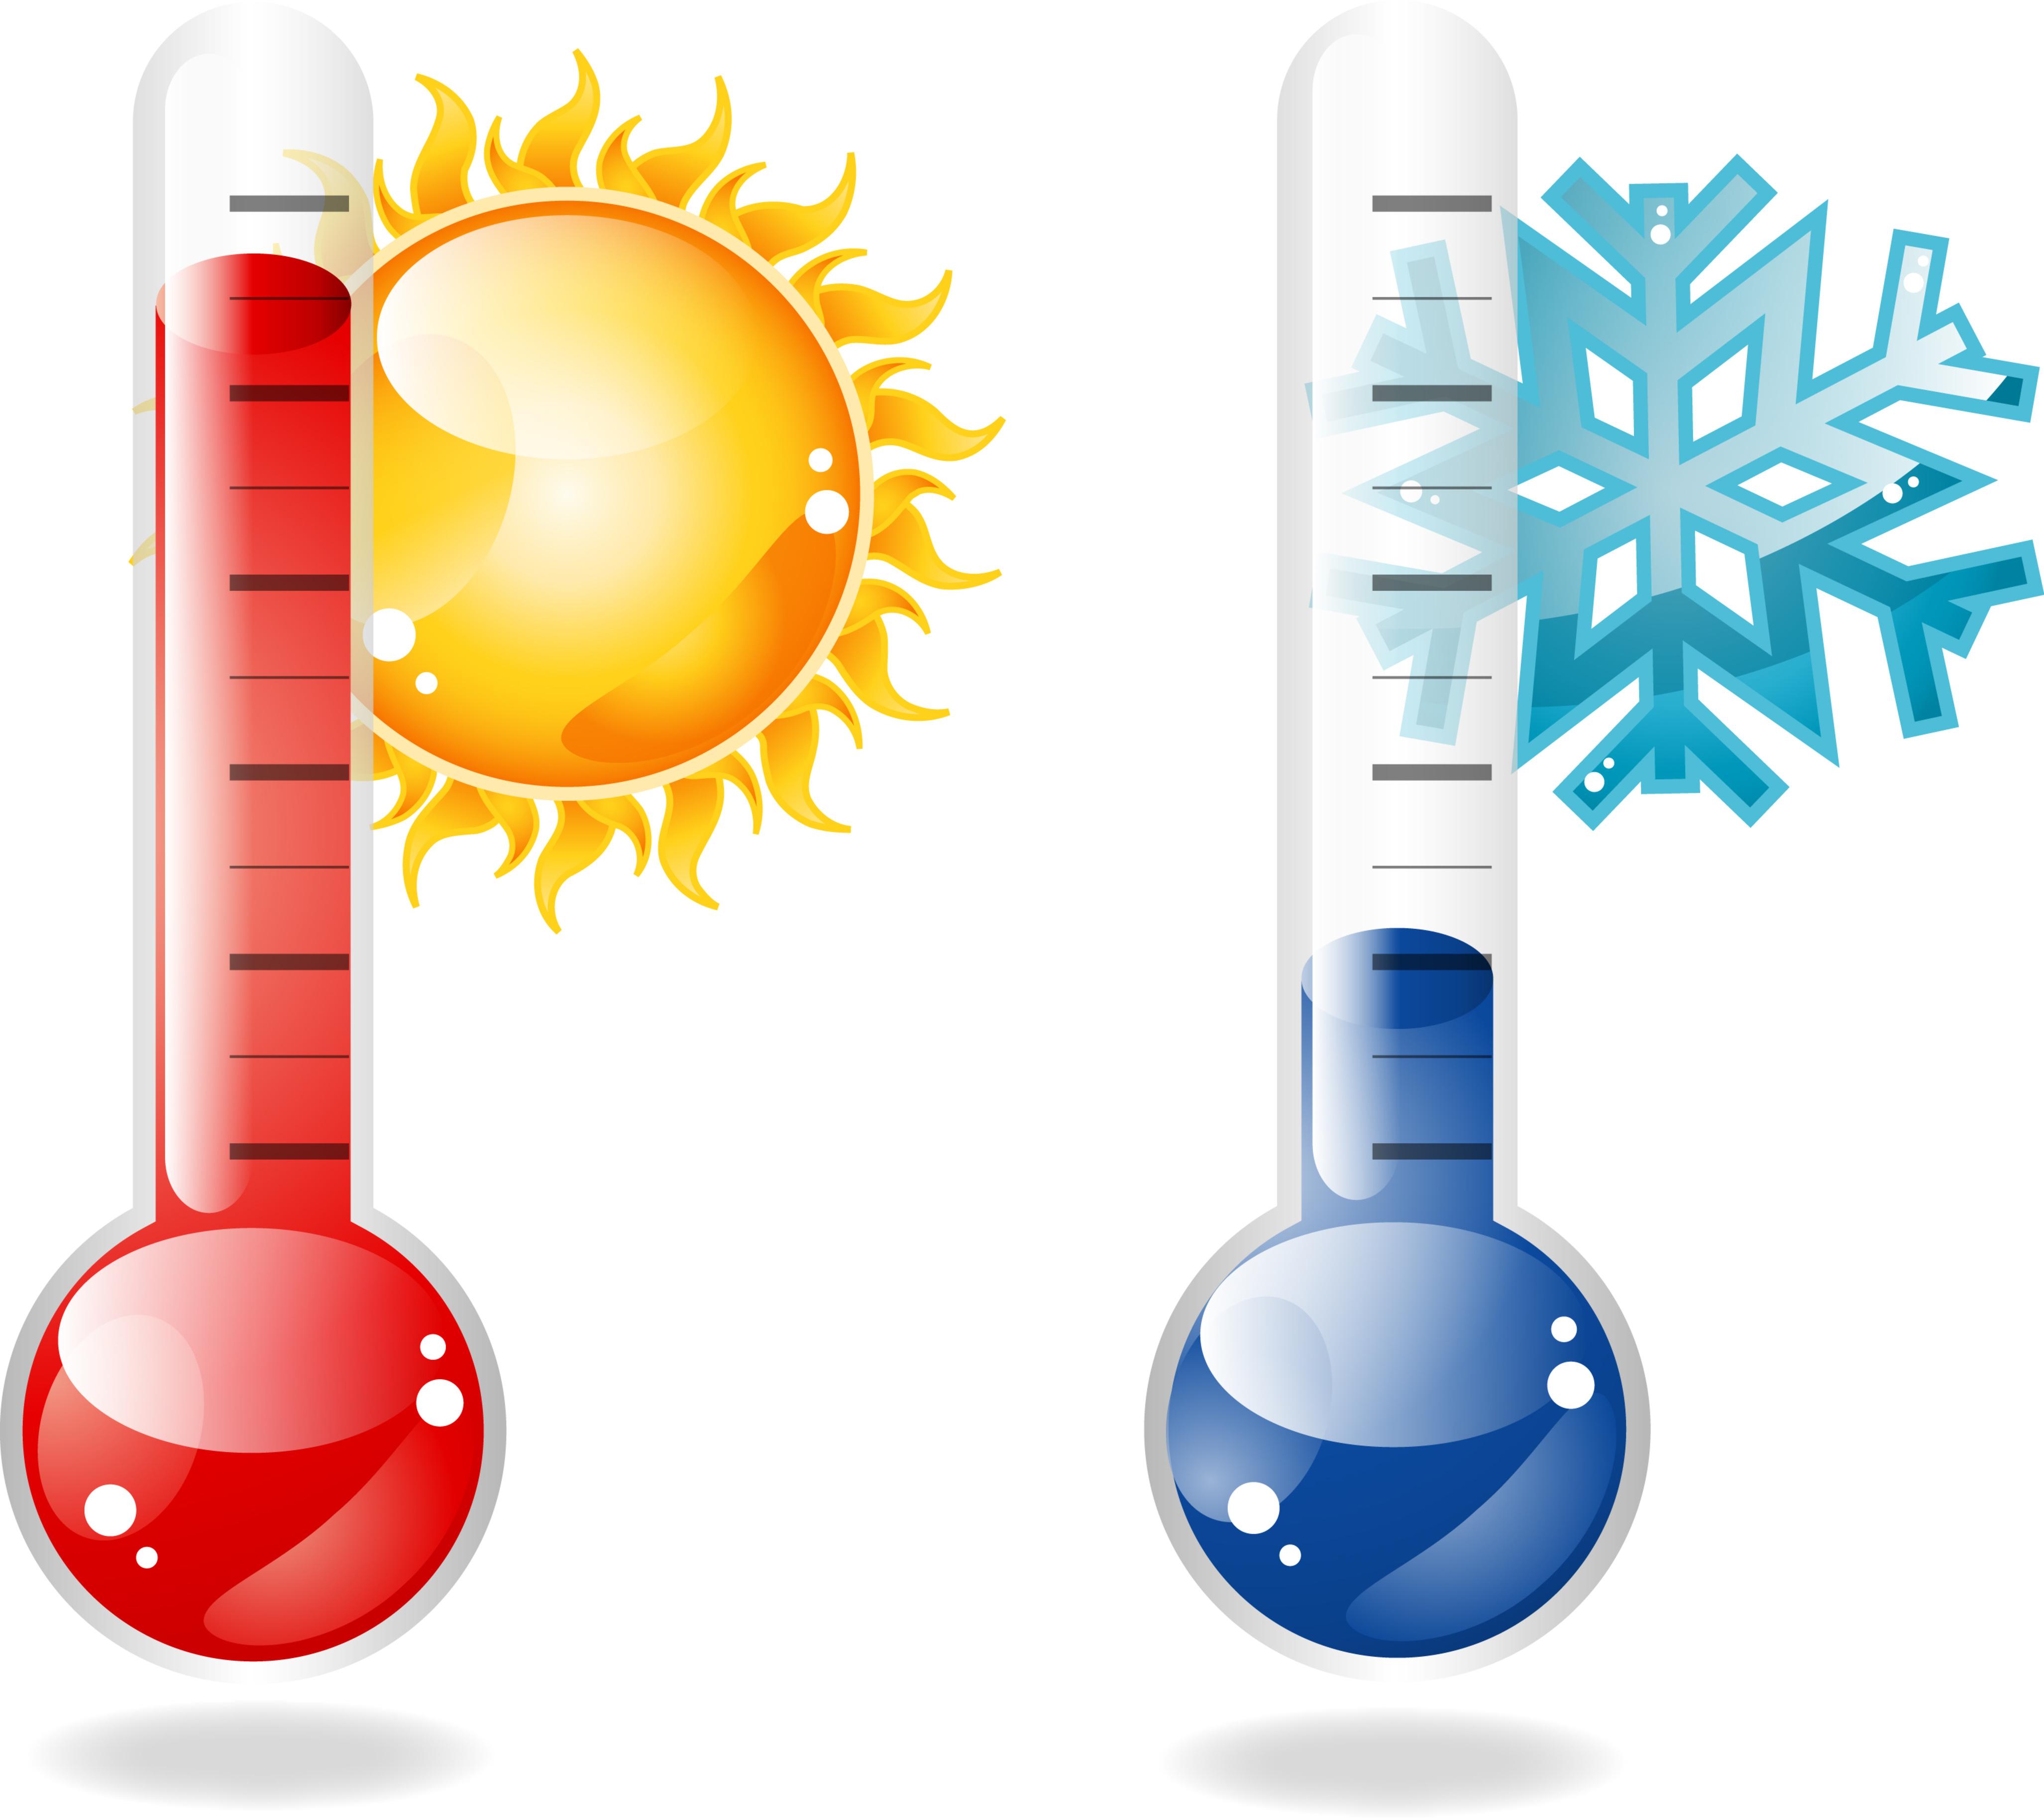 Холод в картинках для детей